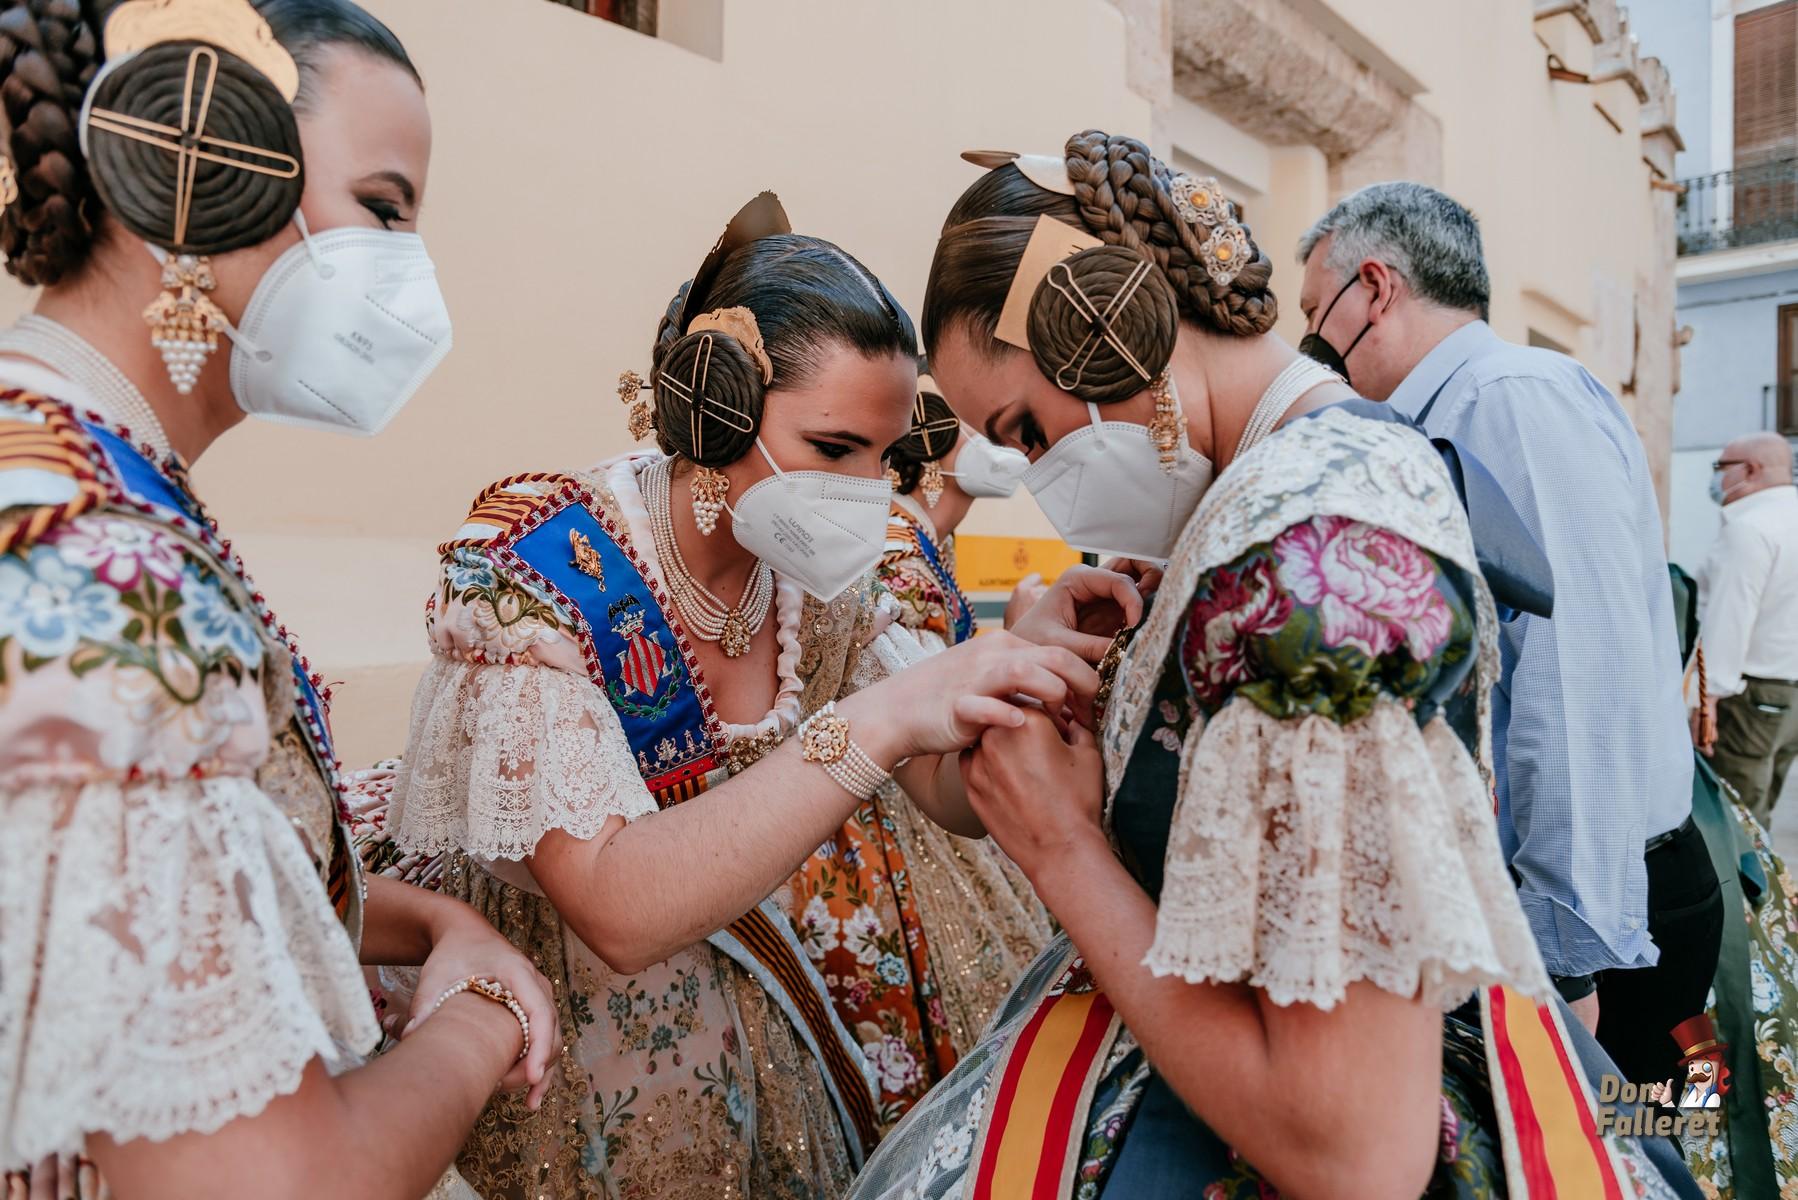 Ayudando a Consuelo. Foto: Fran Adlert/Don Falleret